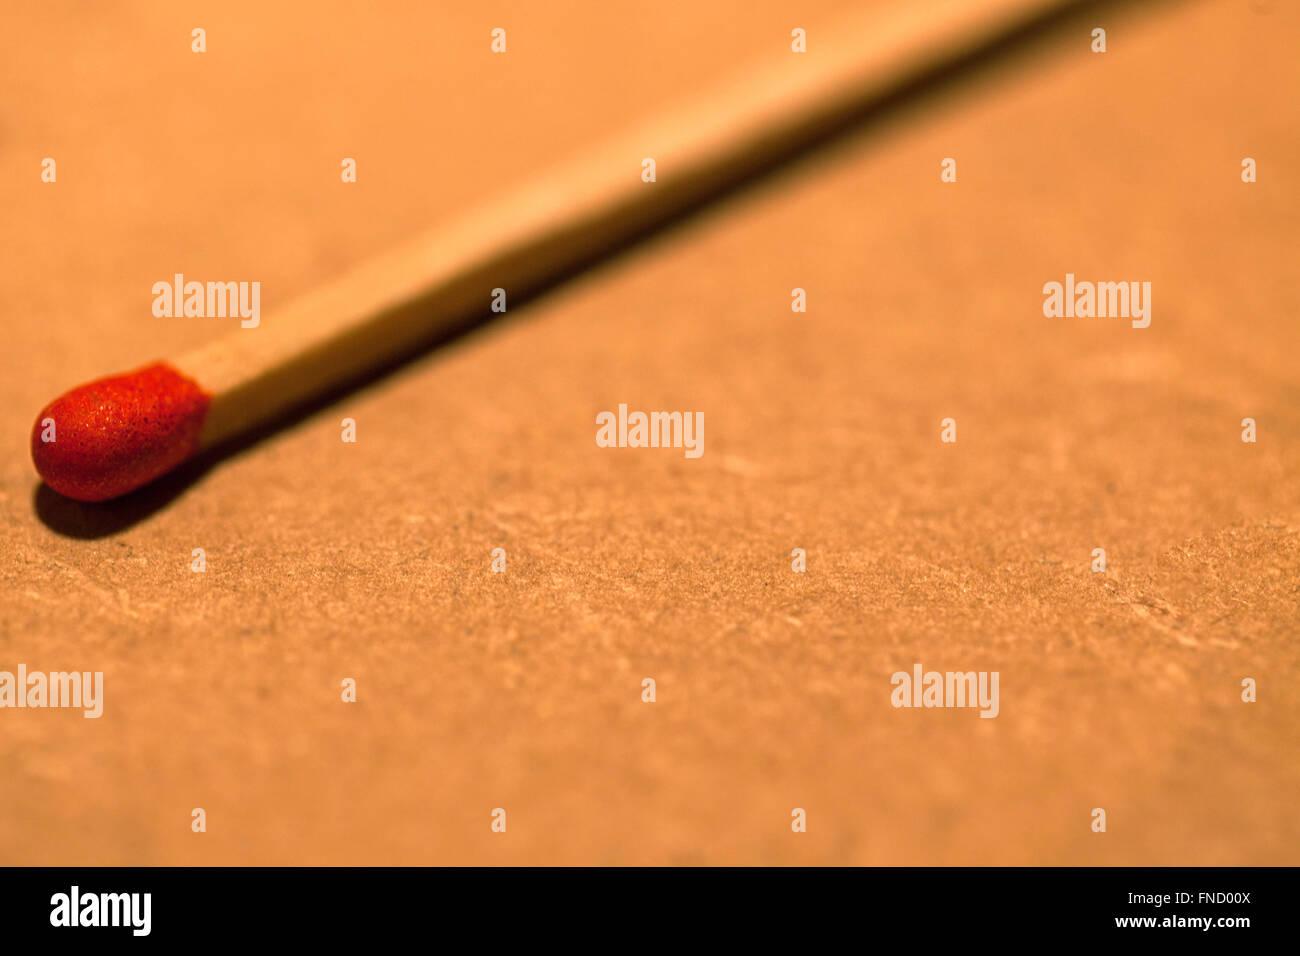 Single match - Stock Image